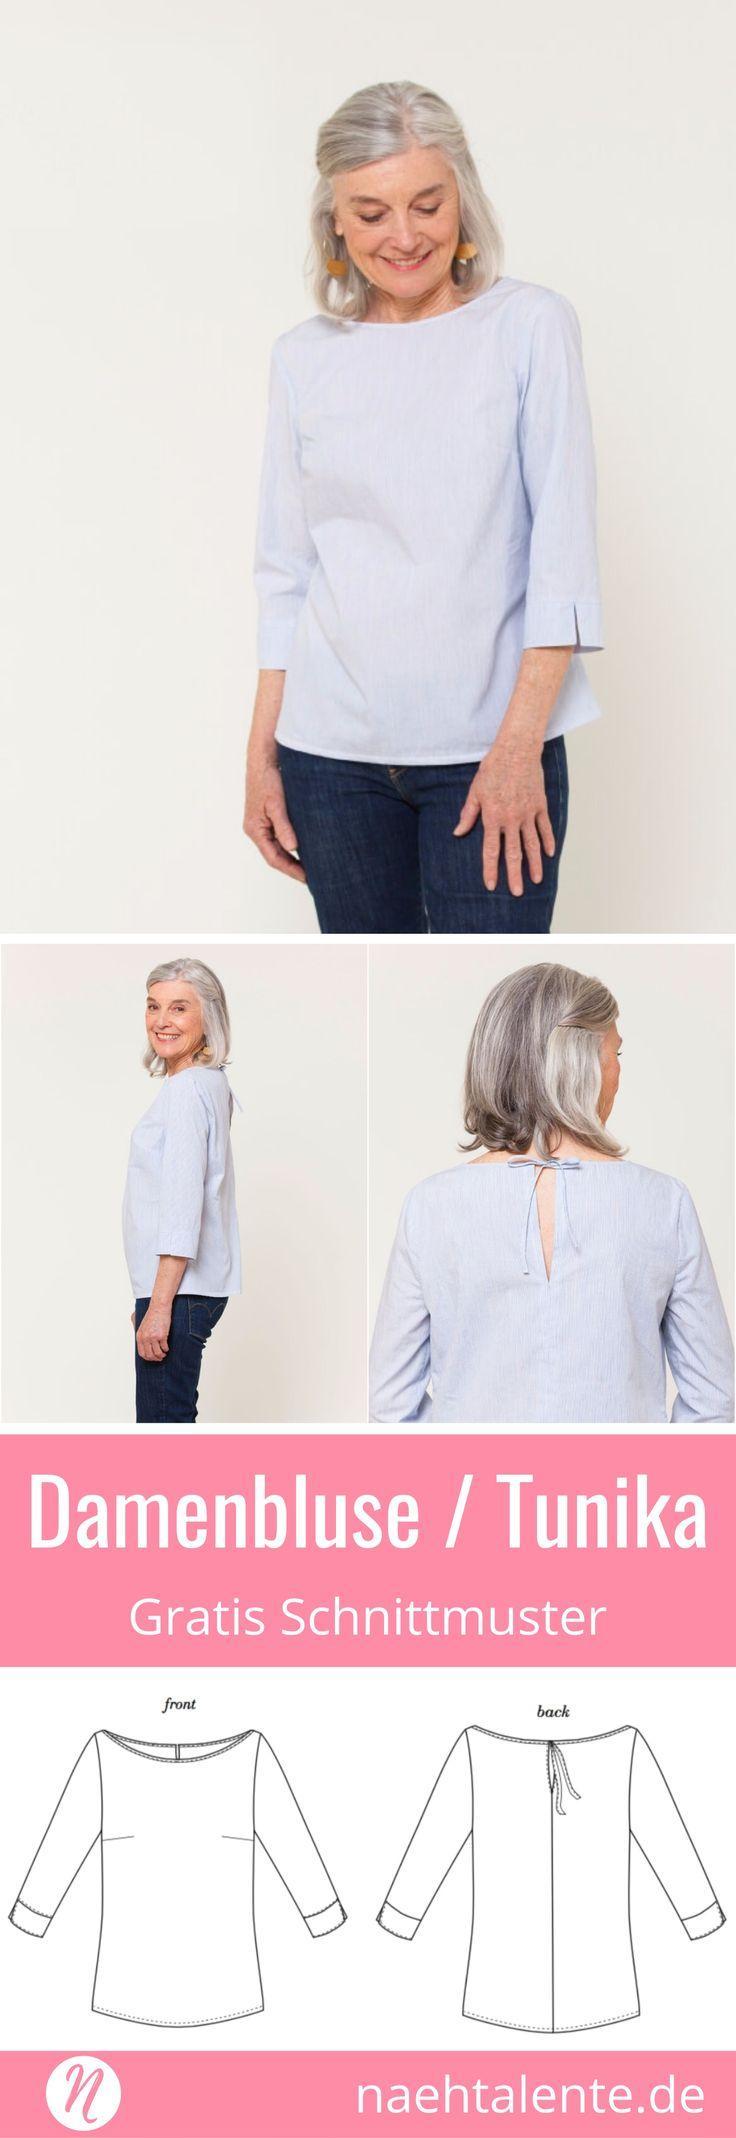 124 besten Schnittmuster Bilder auf Pinterest   Blusen, Bluse nähen ...